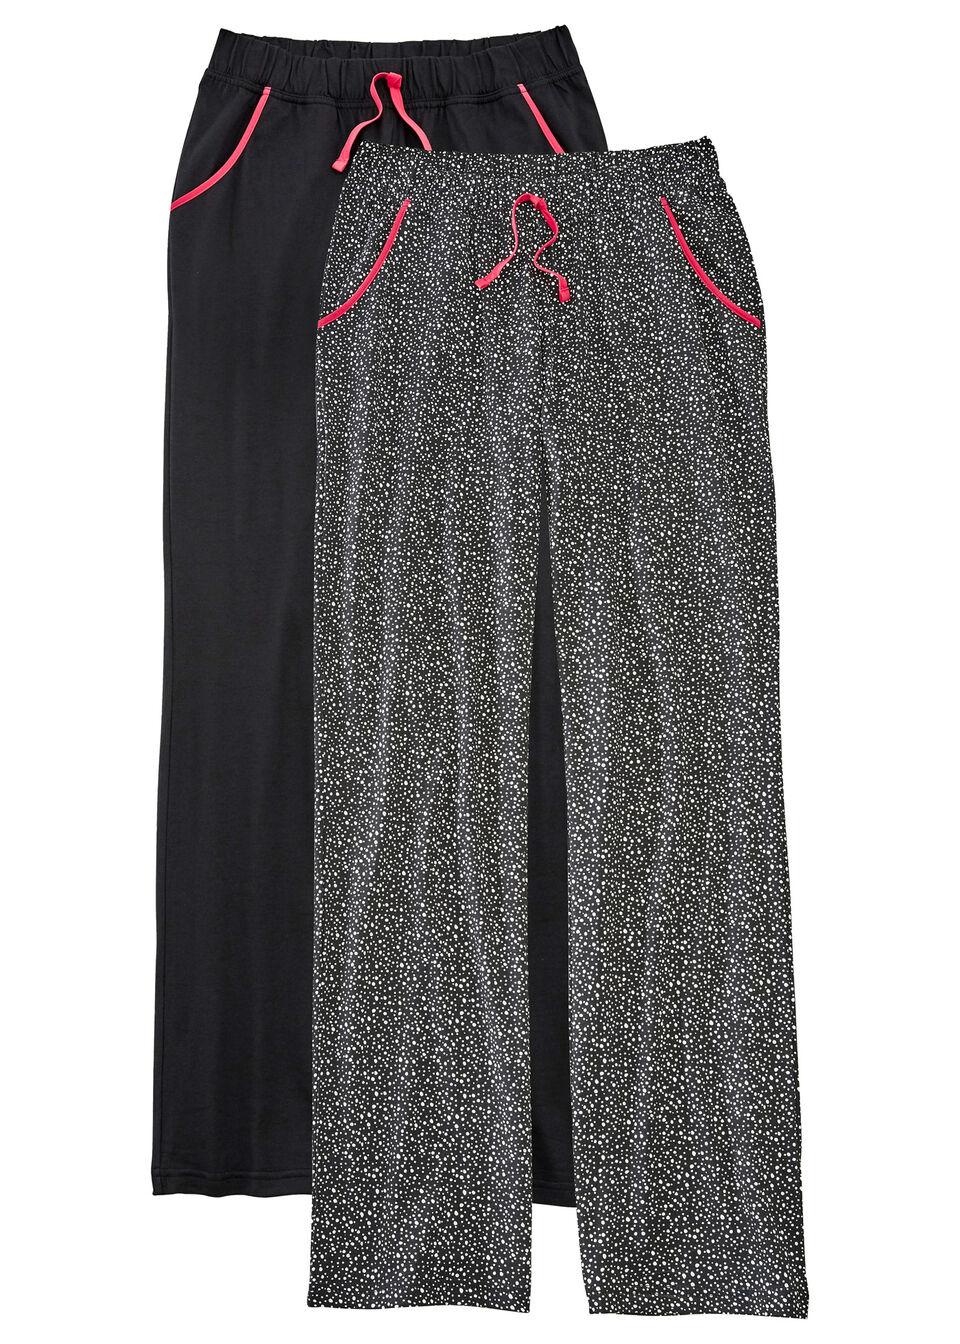 Spodnie do spania (2 pary) bonprix czarny + w groszki